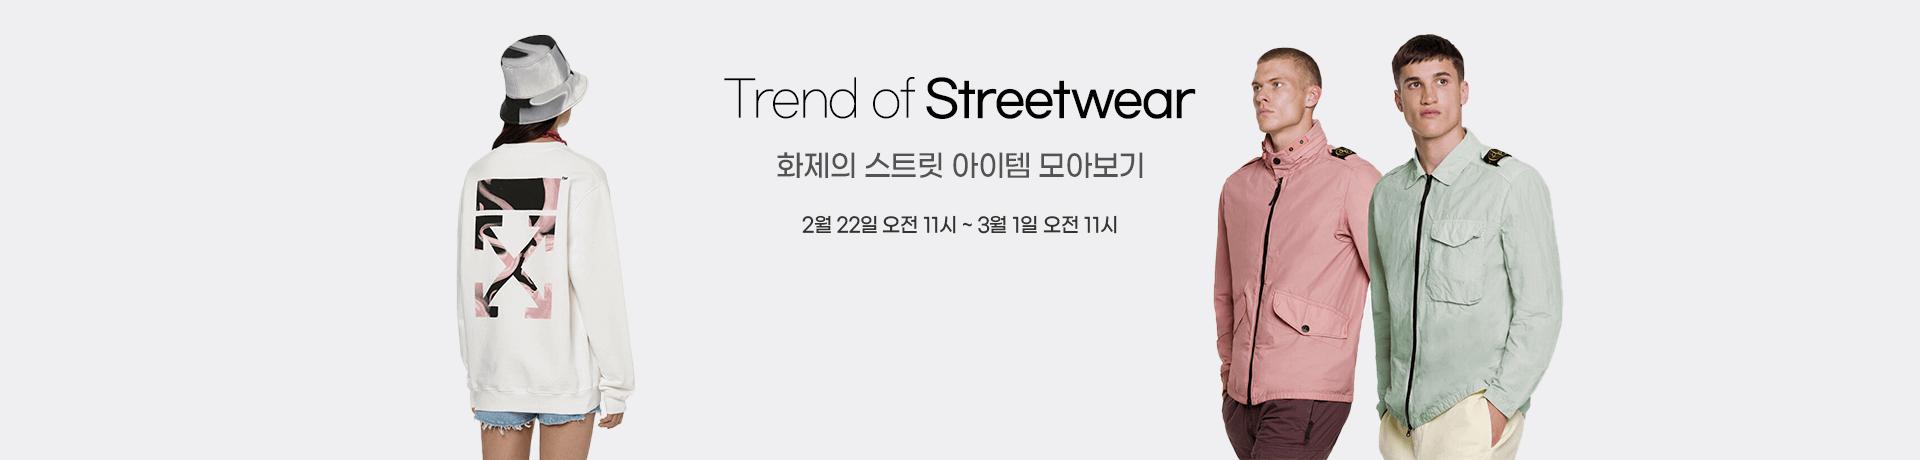 210222_sy_trend-of-streetwear_pc_efeff1